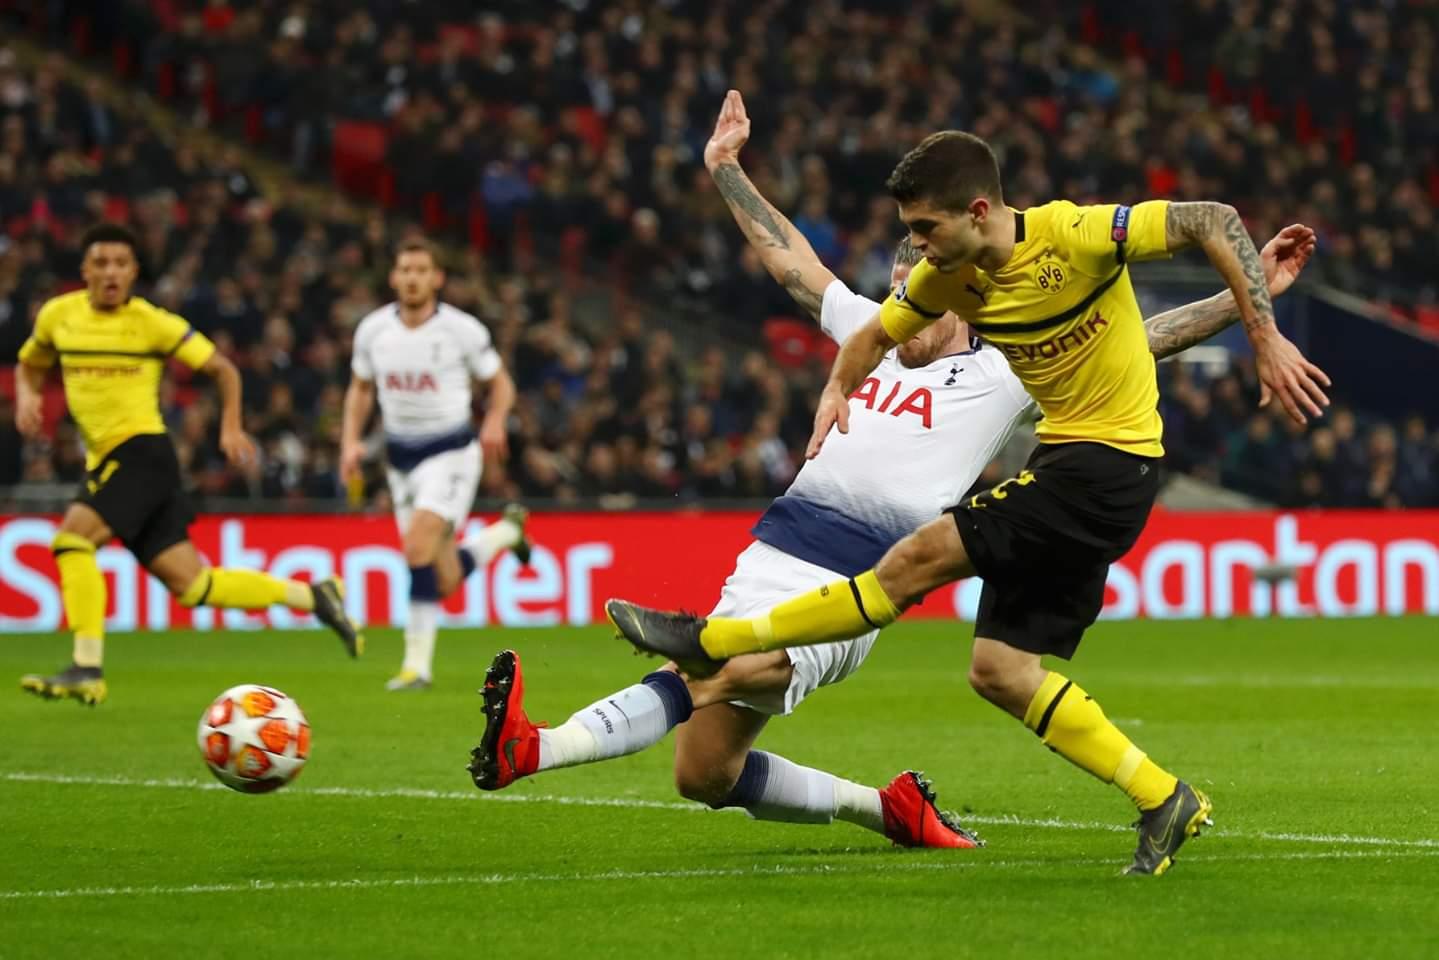 Shėnohet goli i parė nė ndeshjen, Tottenham-Dortmund